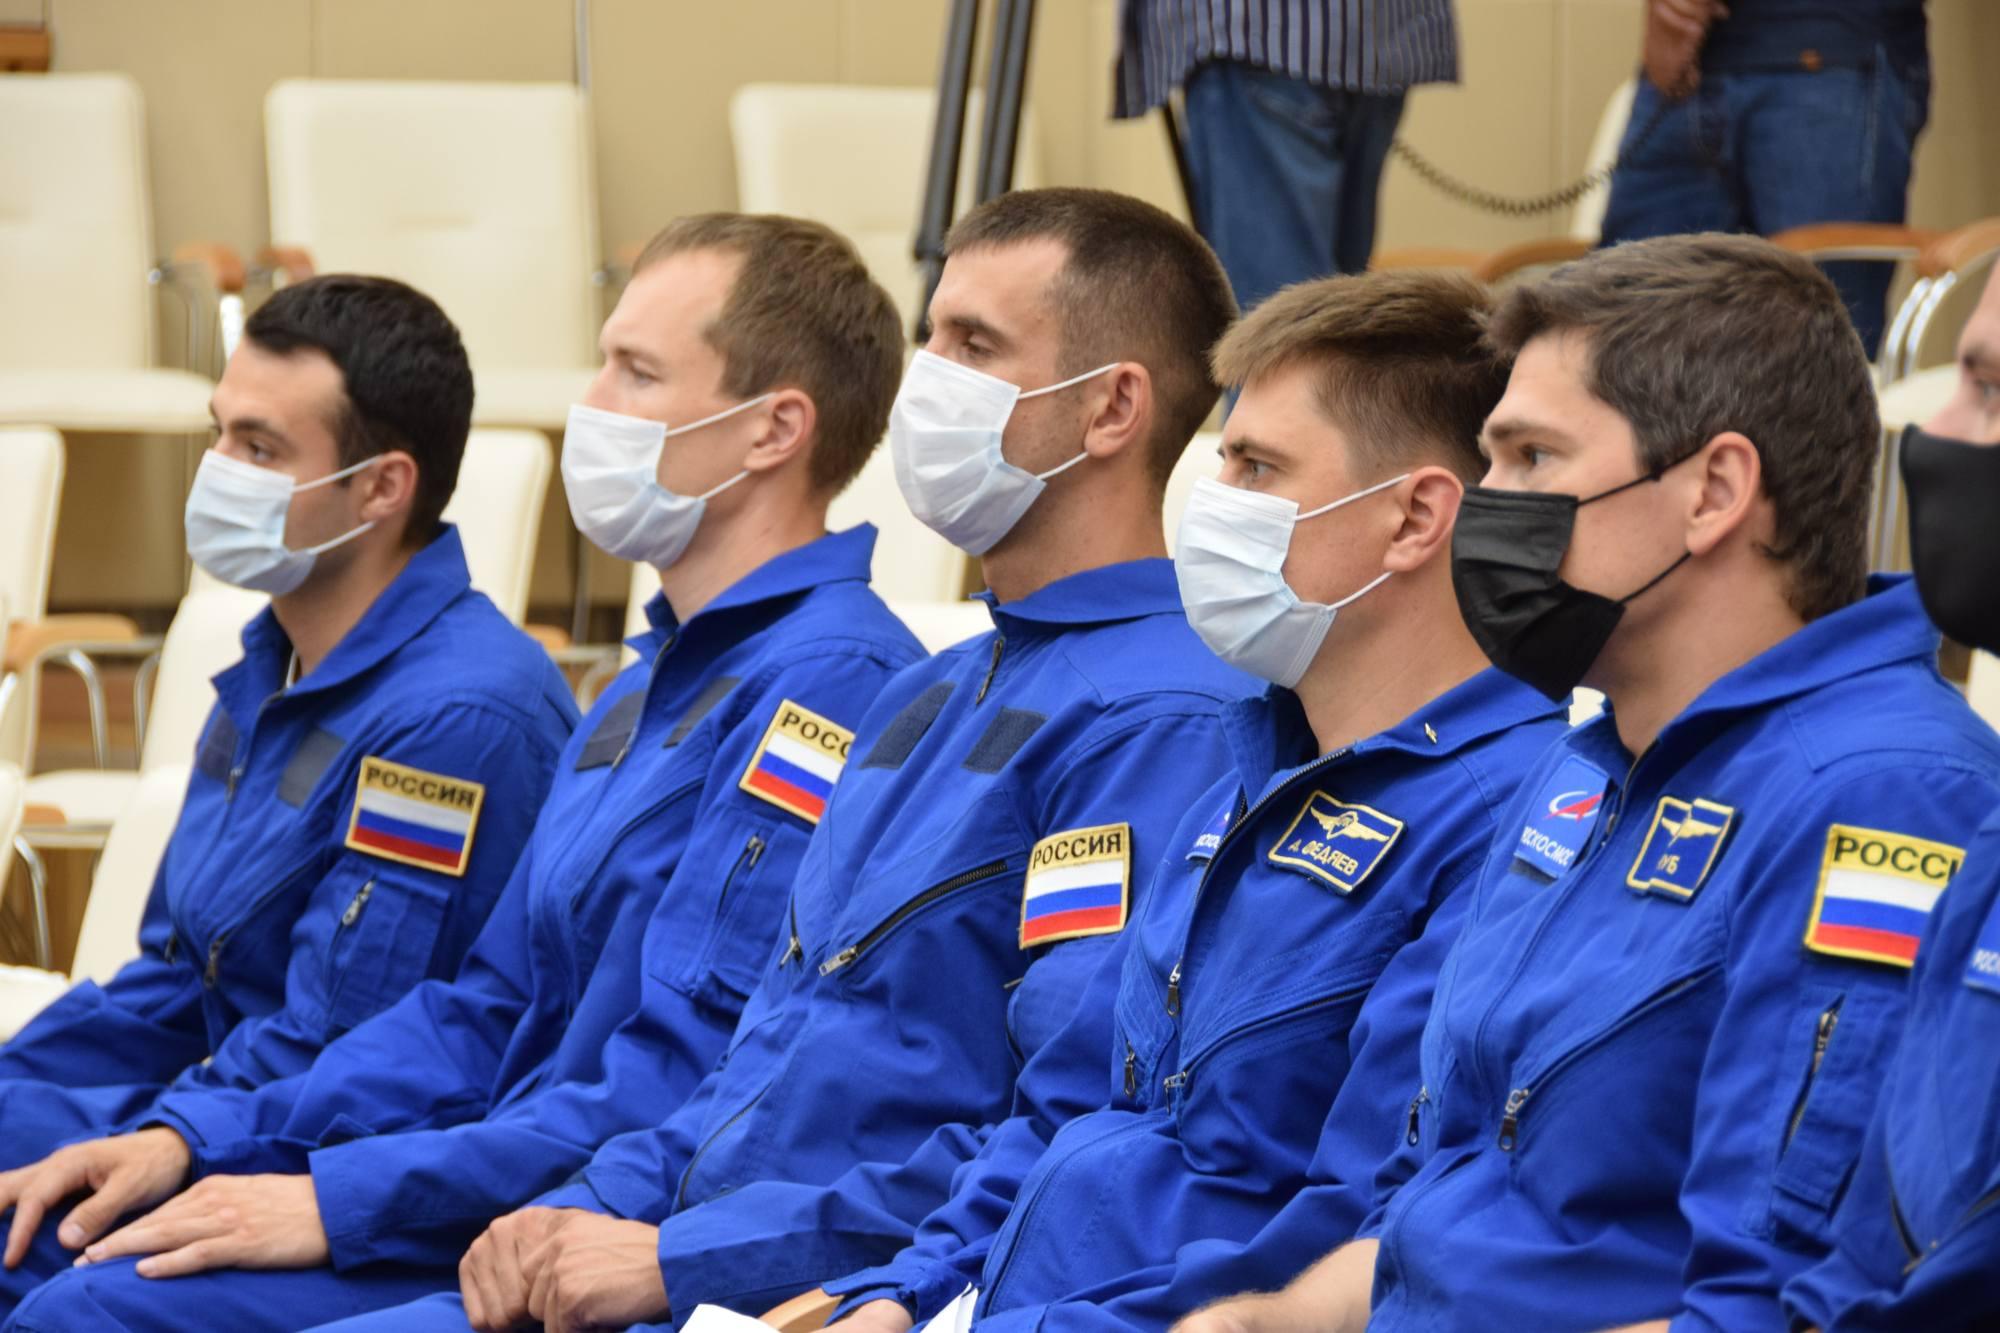 Les dernières recrues pour devenir cosmonautes sont présentes, en compagnie (à droite) de Nikolaï Choub.